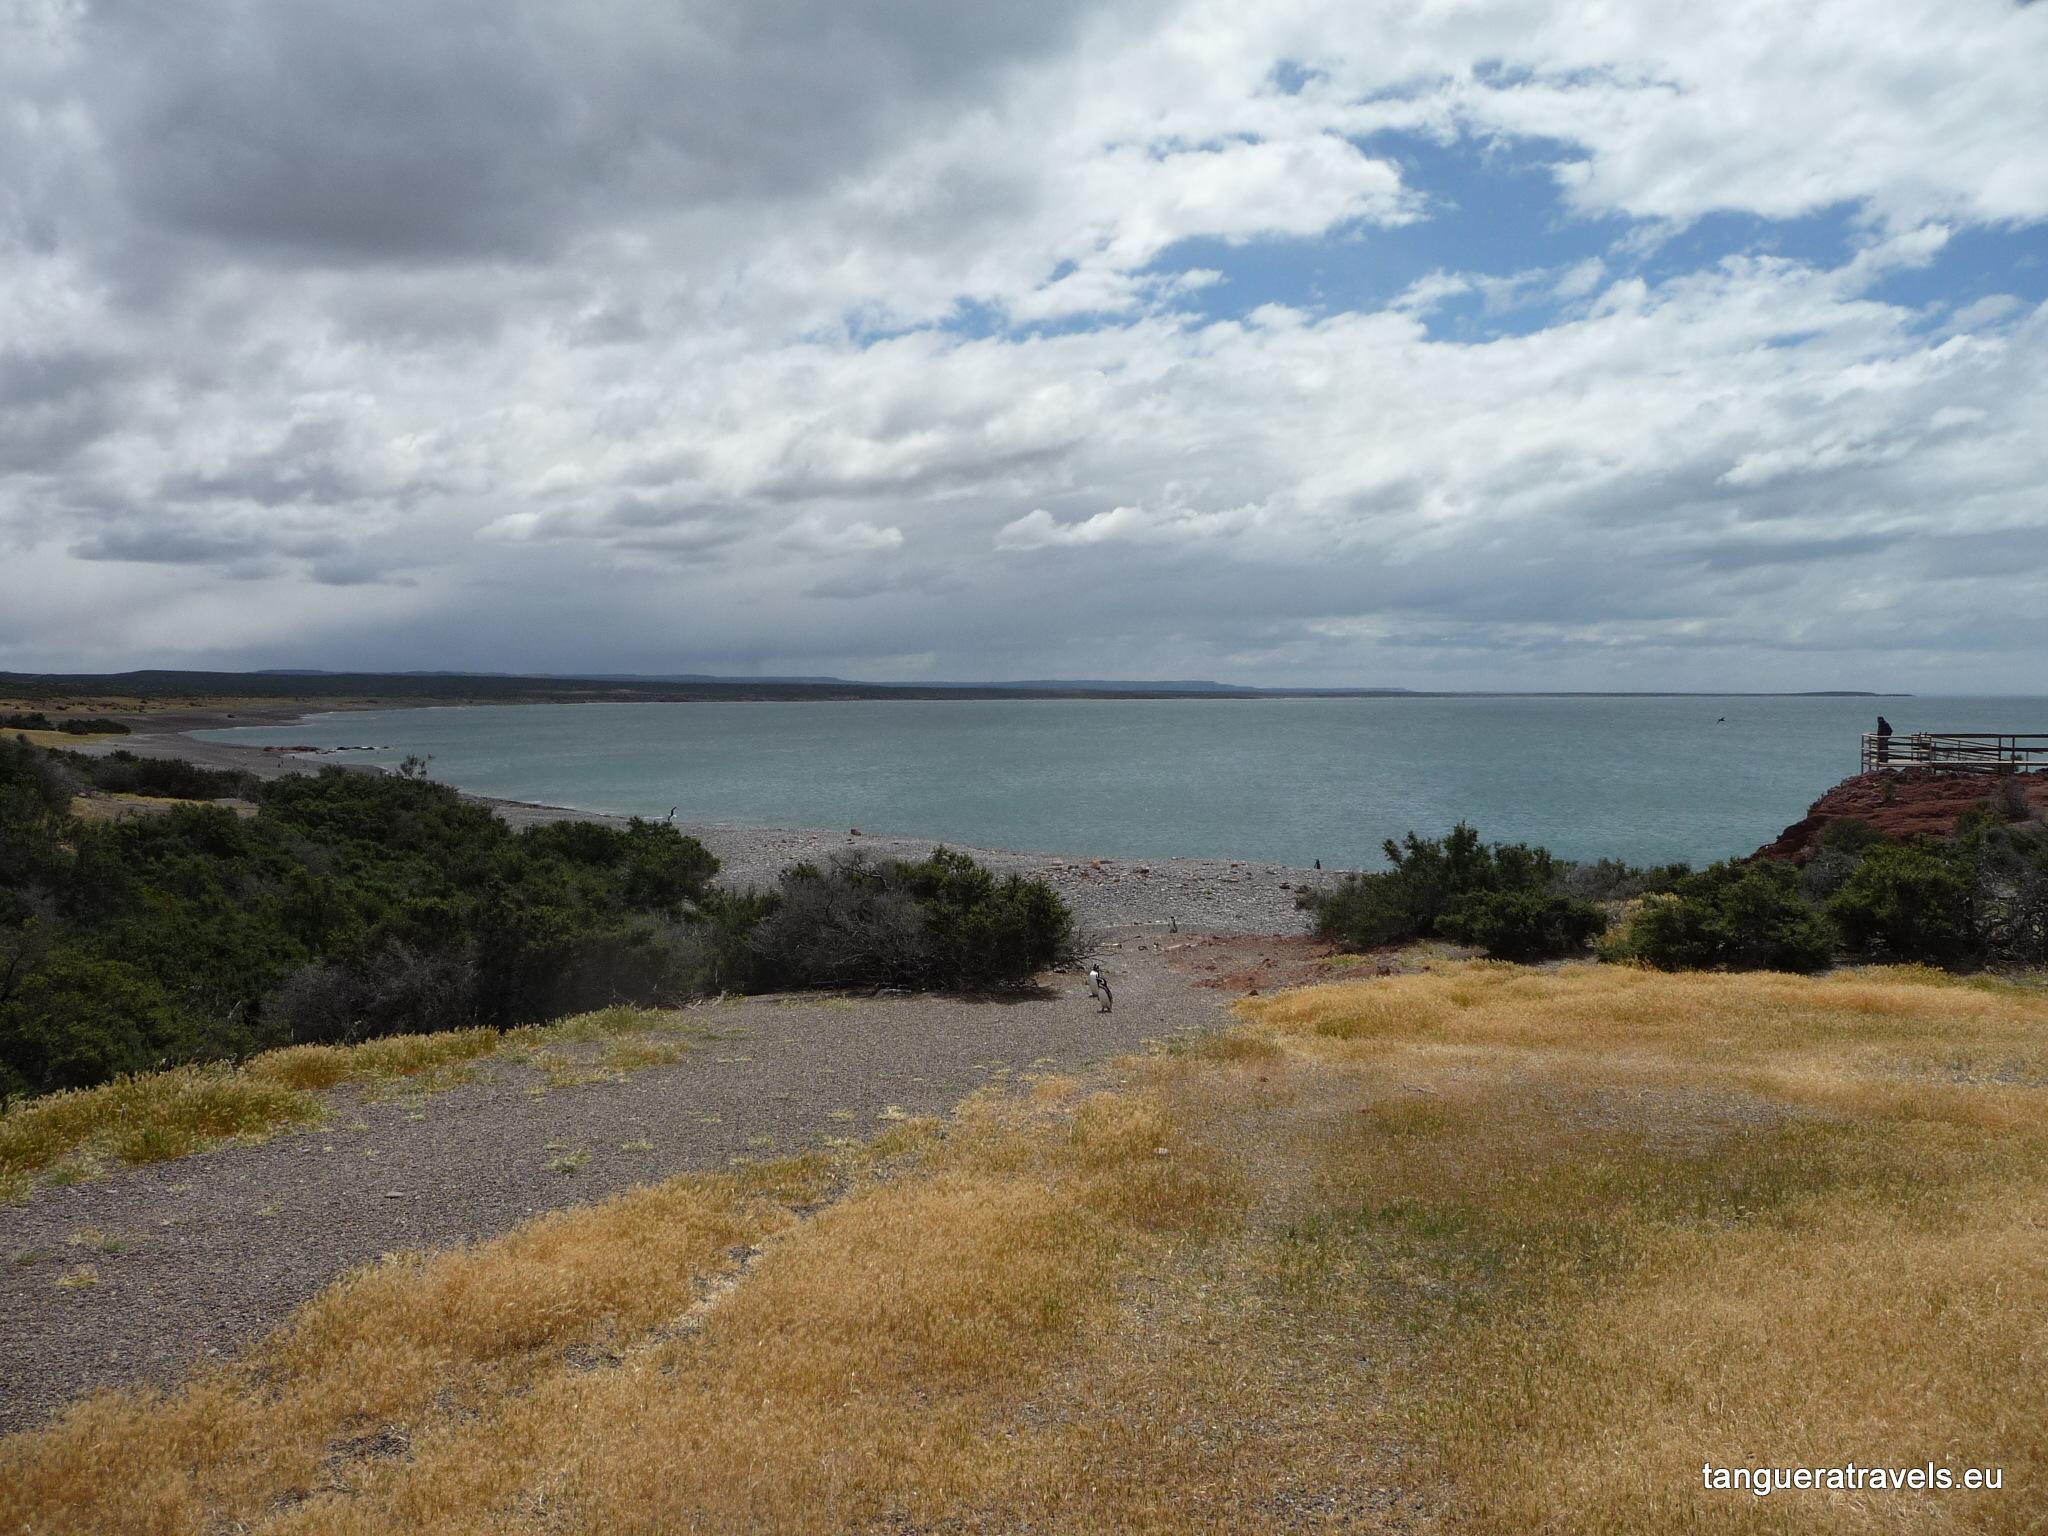 landscape, Punta Tombo